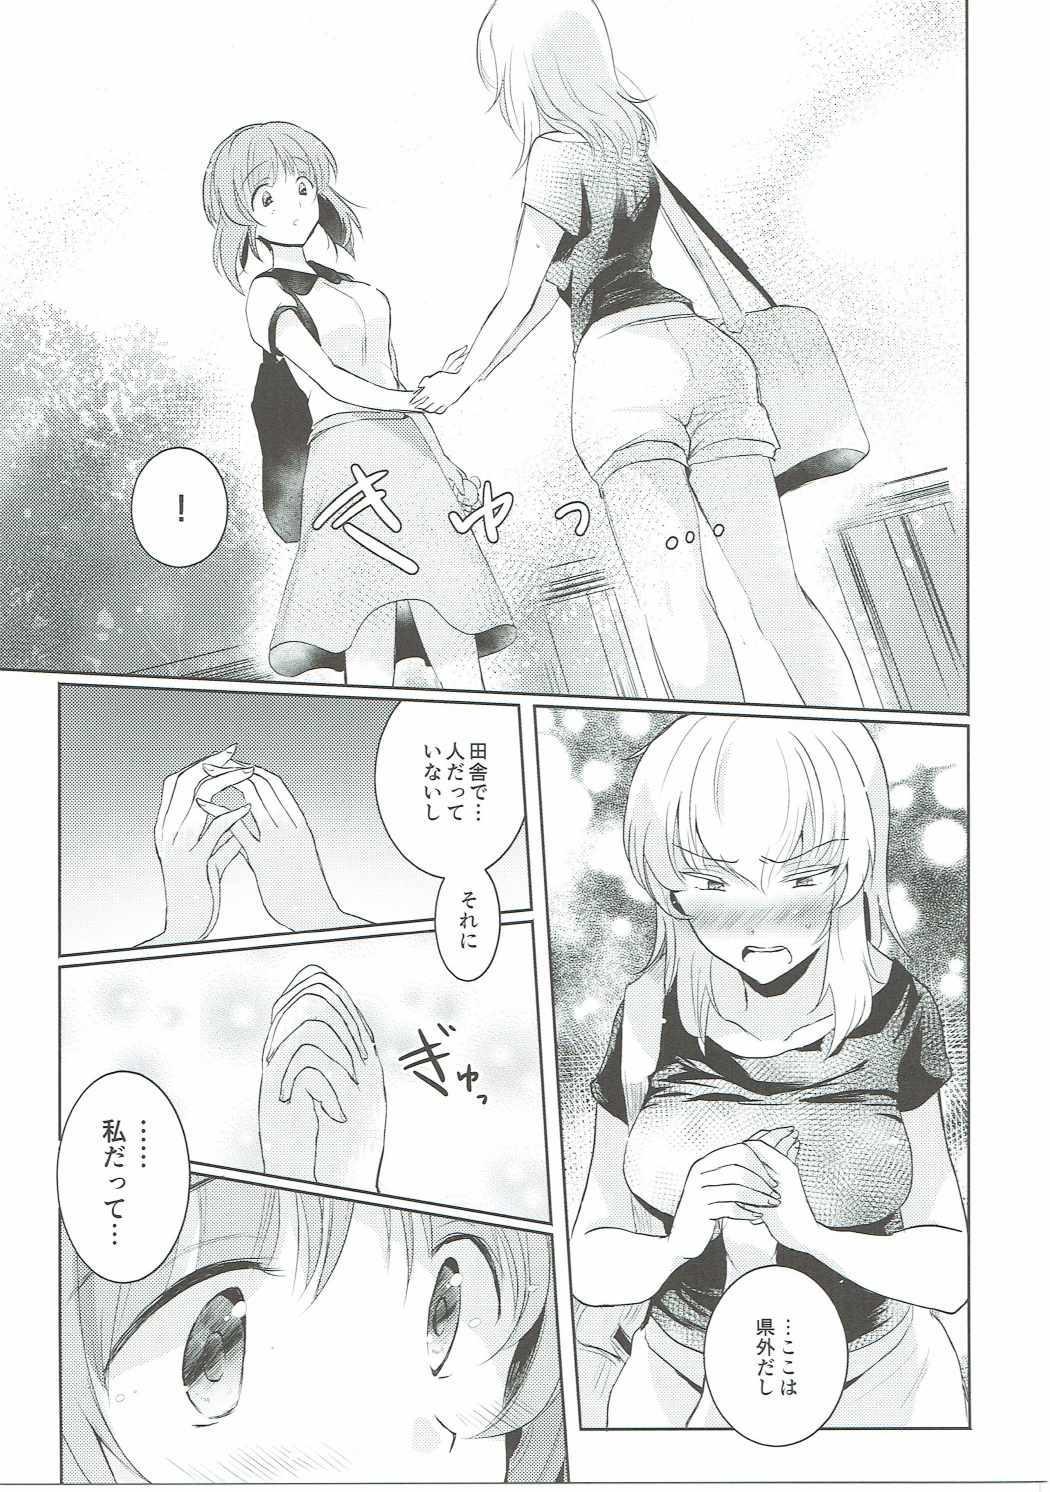 Futarikiri no Natsu 37